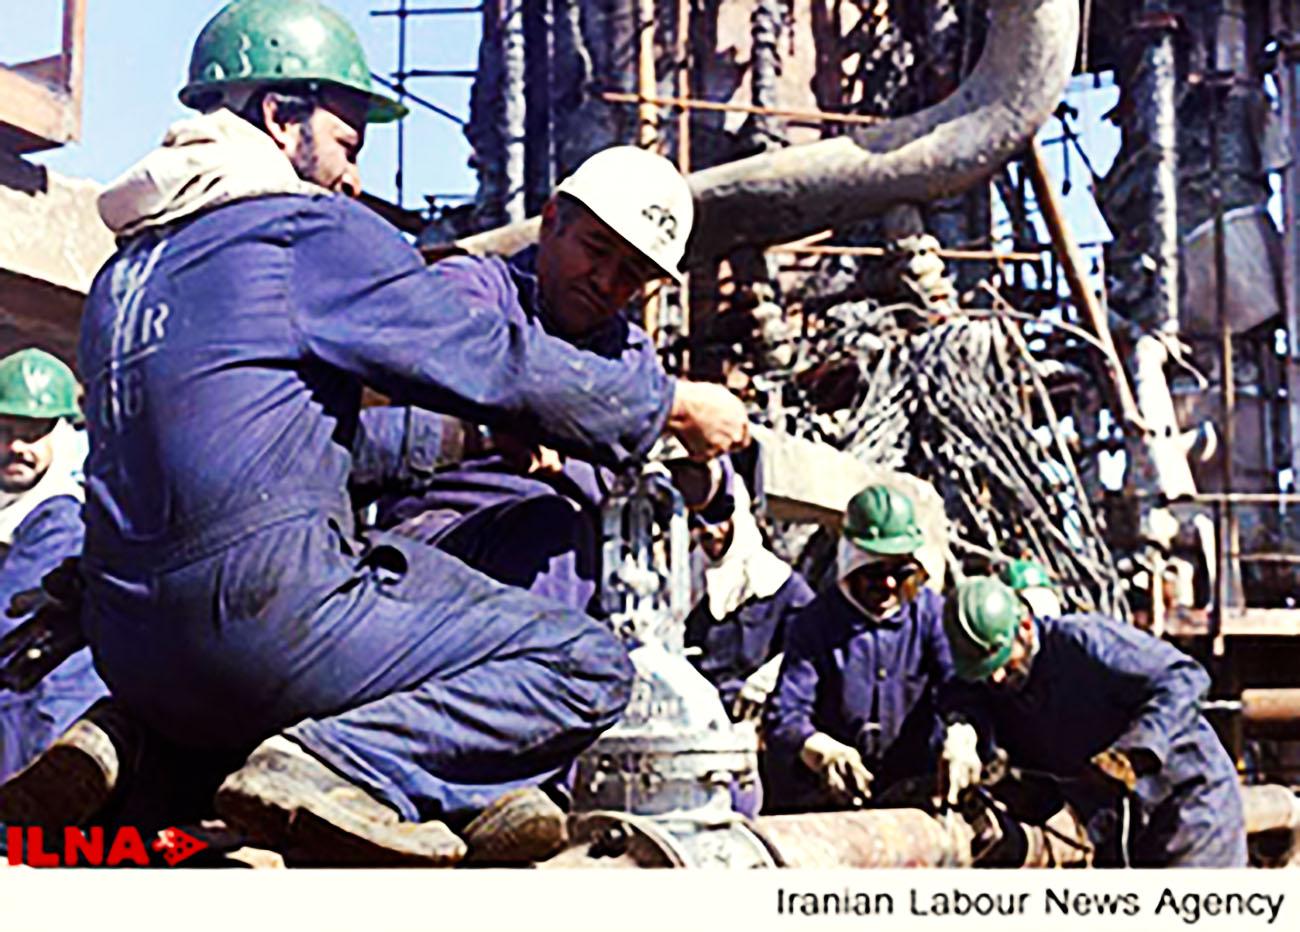 کارکنان قراردادی پتروشیمی امام خبر دادند: خودداری کارفرما از اجرای حکم قضایی